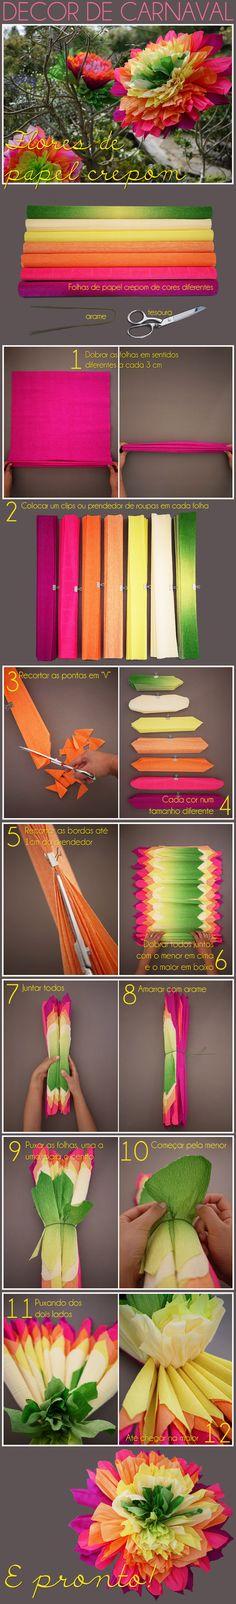 """dobrar as folhas, cor por cor, em """"zigzag"""" e a cada 3 centímetros (1)! Prender com um clips ou um prendedor de roupas em cada uma (2)!  Recortar as pontas em """"V"""" (3), (4) Recortar as bordas do """"zigzag"""" até 1cm do prendedor, para não correr o risco da folha se rasgar (5)! Em seguida, dobrar tudo junto do menor para o maior, encaixando todas a dobras (6) e, uma vez todos juntos (7), amarrar com um arame (8)! Puxar cor por cor (9), do menor para o maior (10), dos dois lados (11) até o final"""